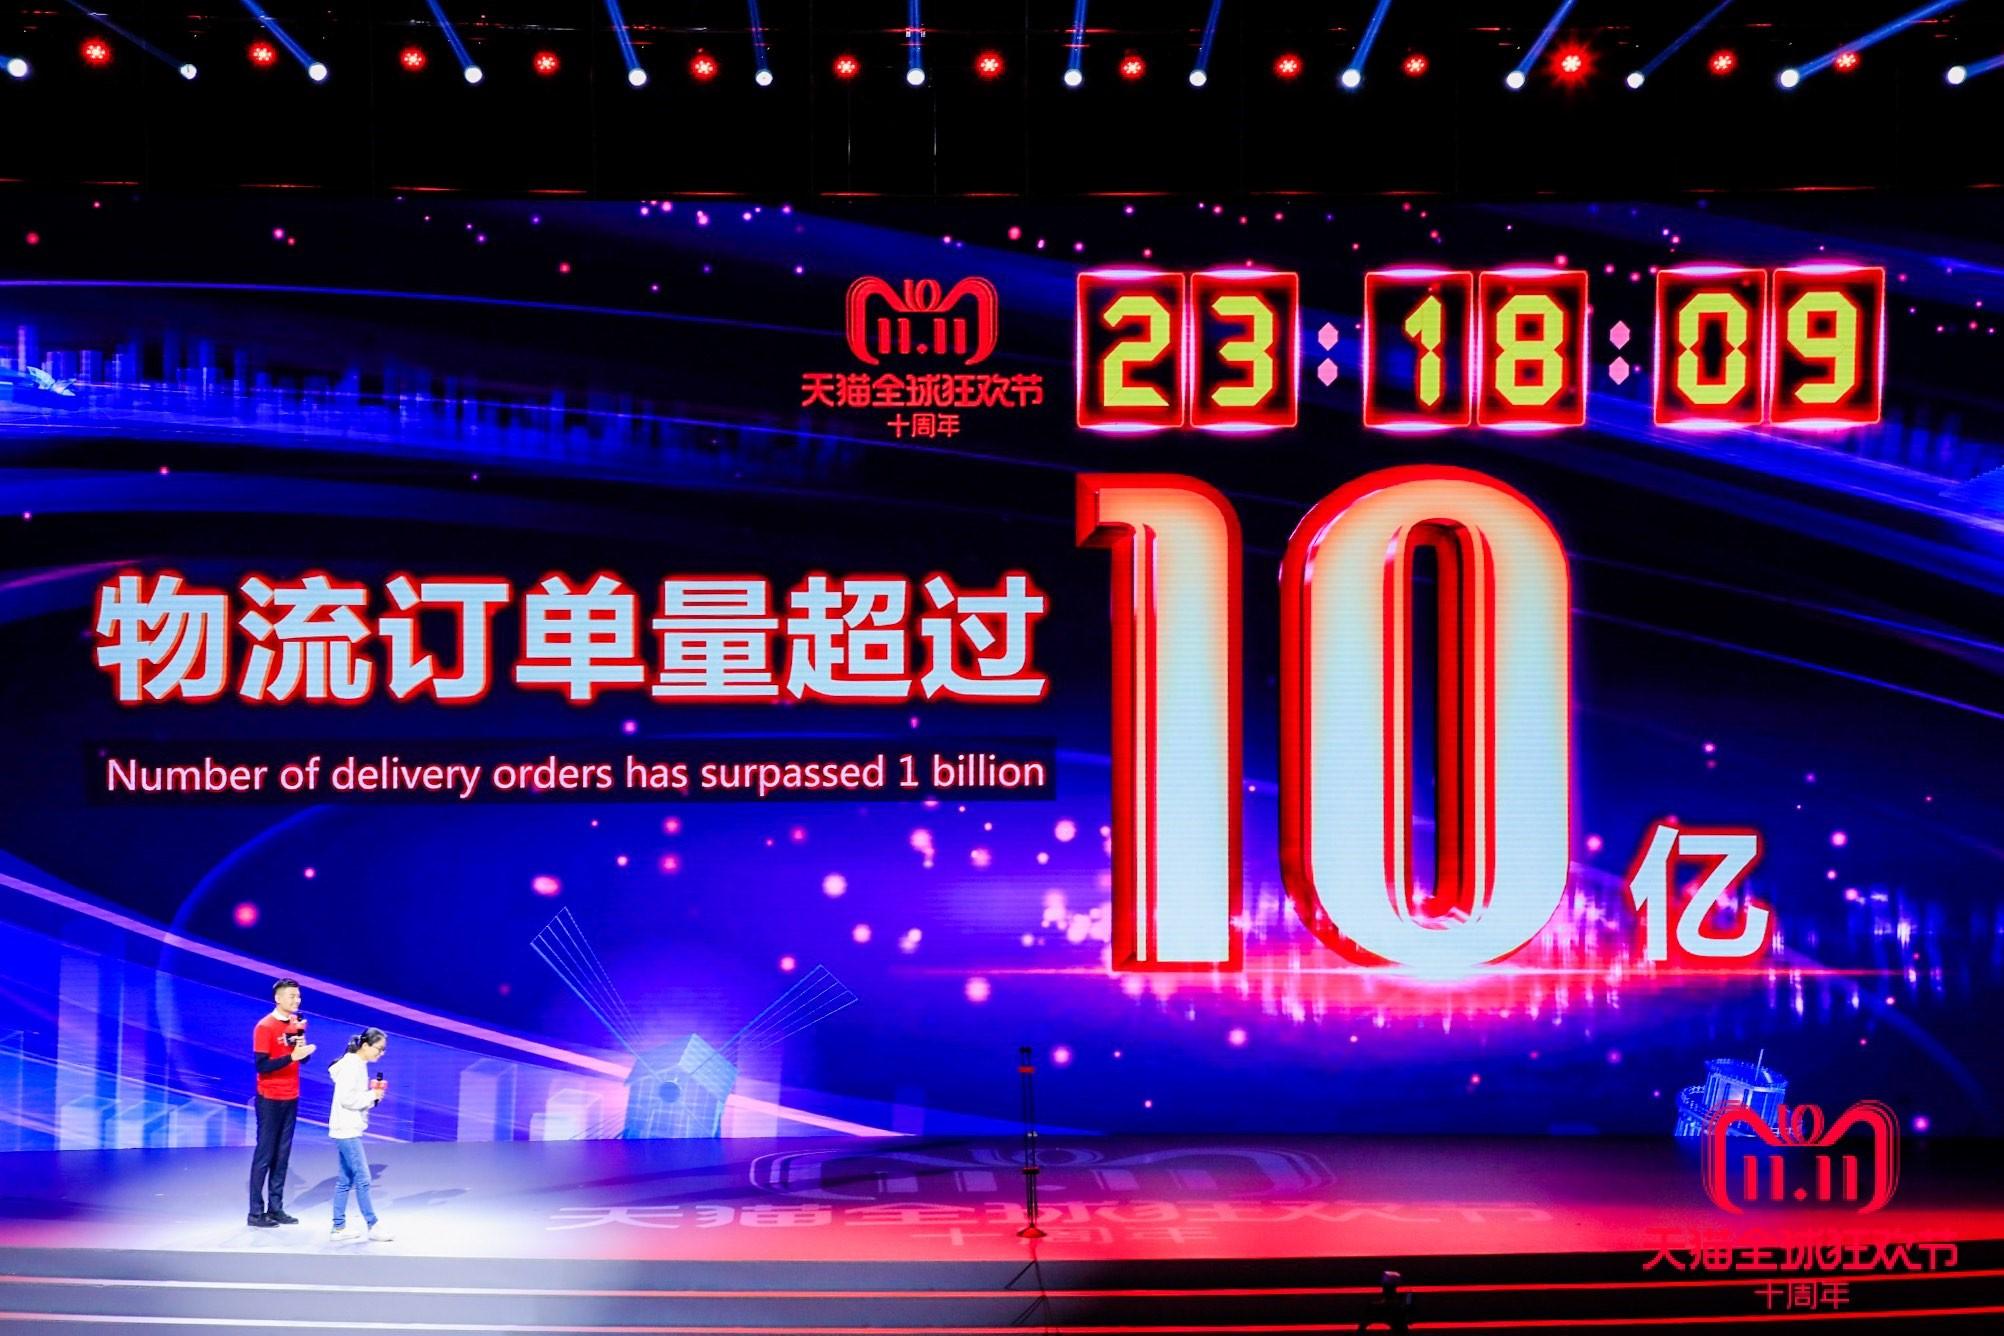 """亿万""""剁手党""""一天买10亿包裹 见证中国强大商业活力"""